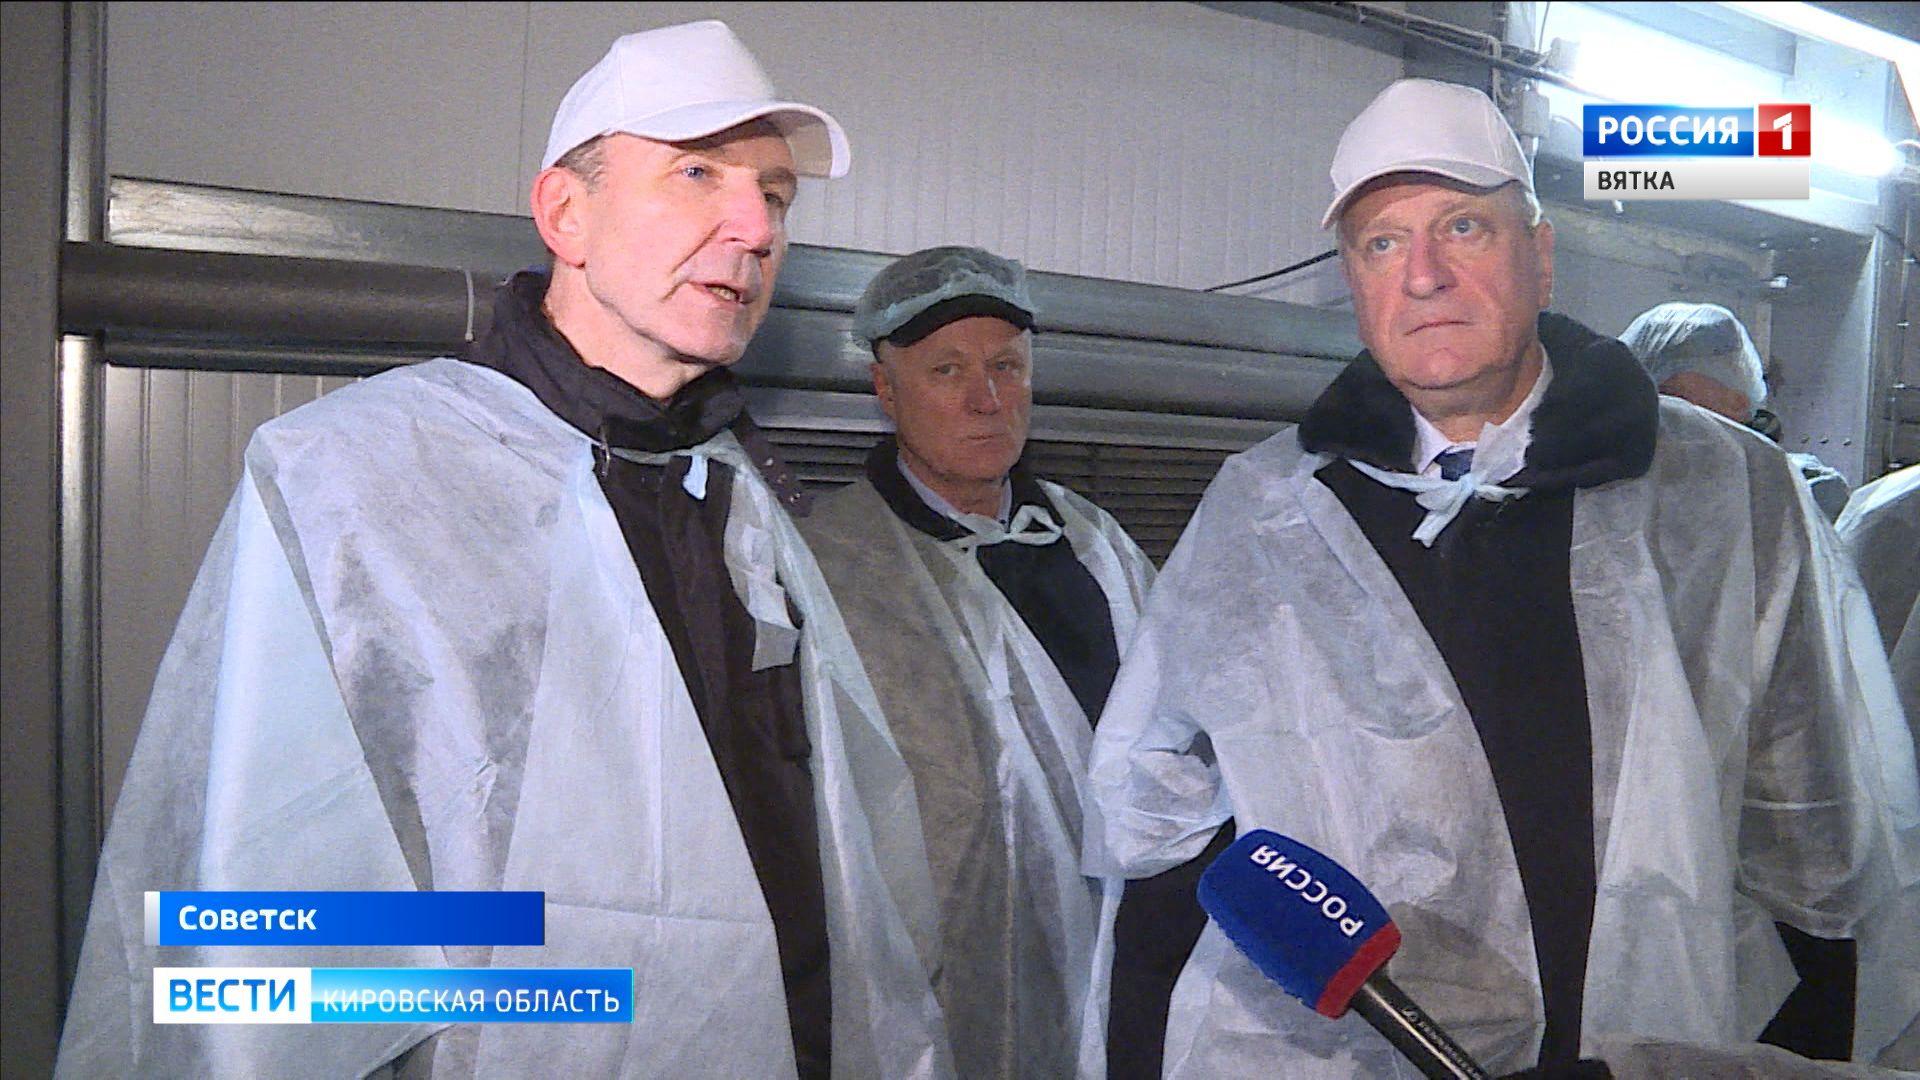 Советская птицефабрика запустила очередной высокотехнологичный корпус